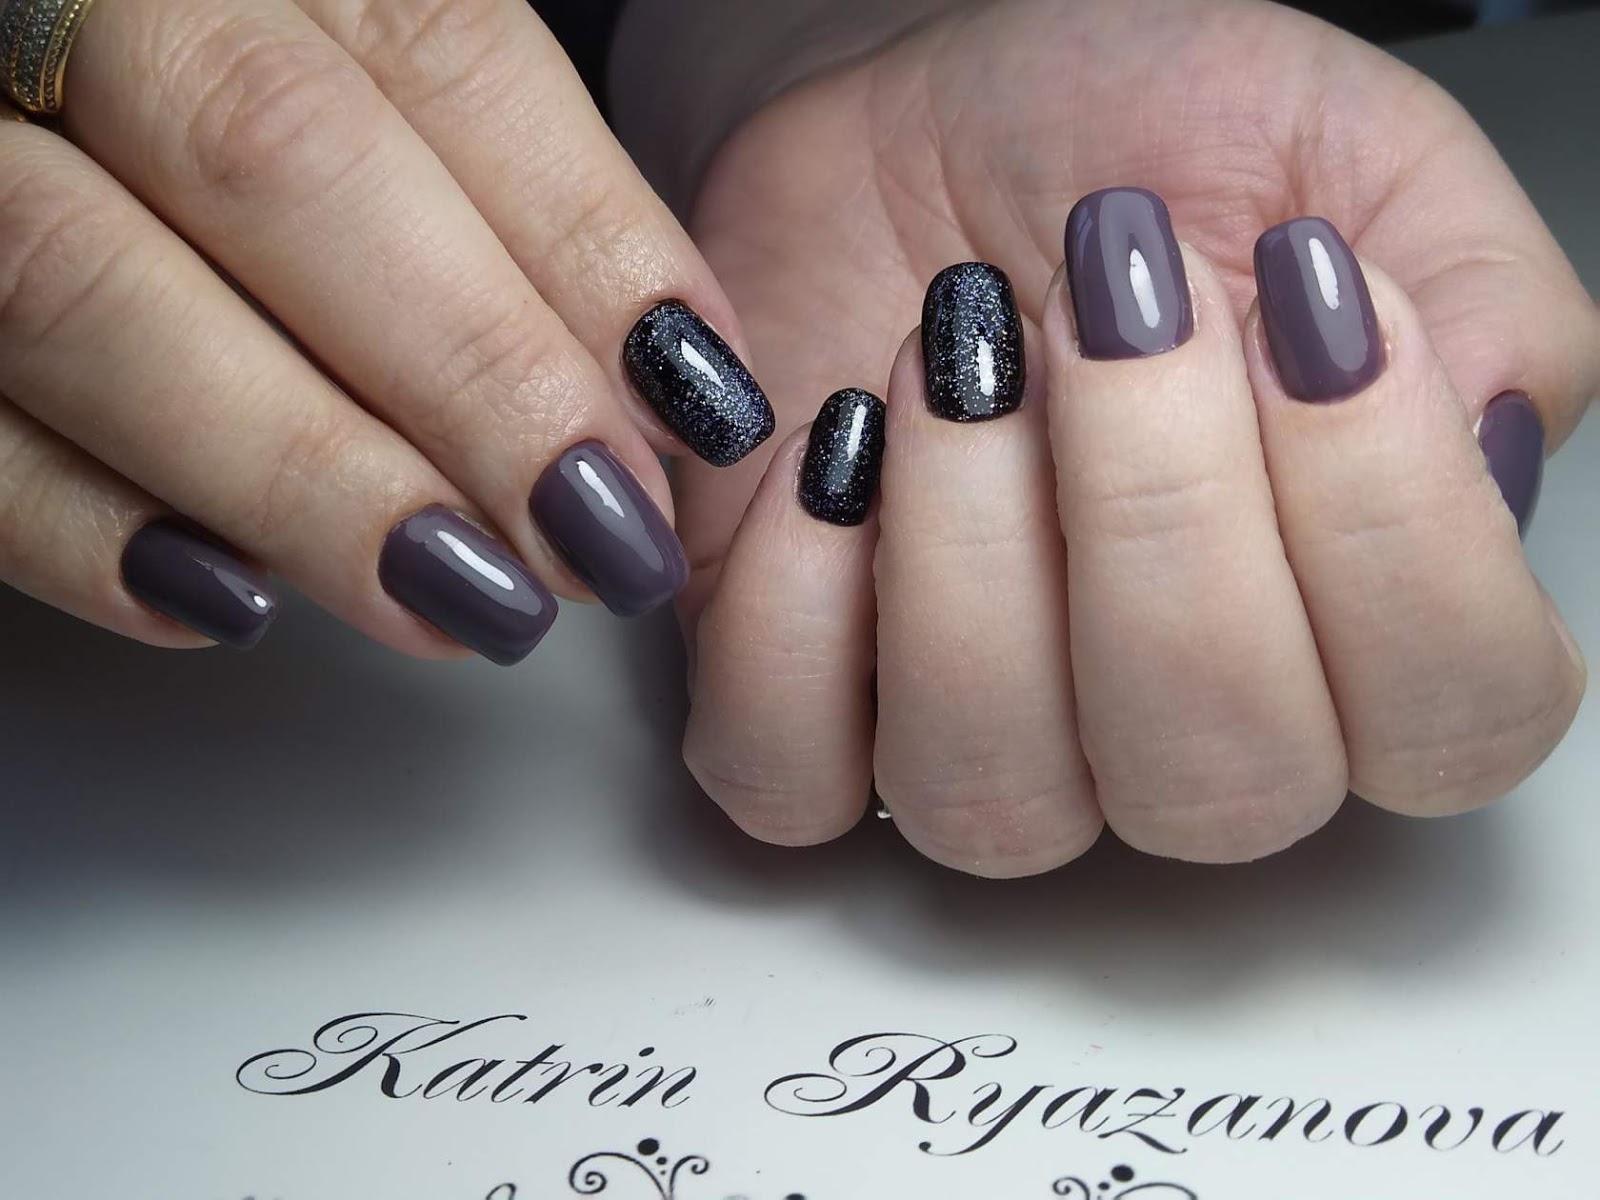 Enchanting Nail Biting Syndrome Ornament - Nail Paint Ideas ...